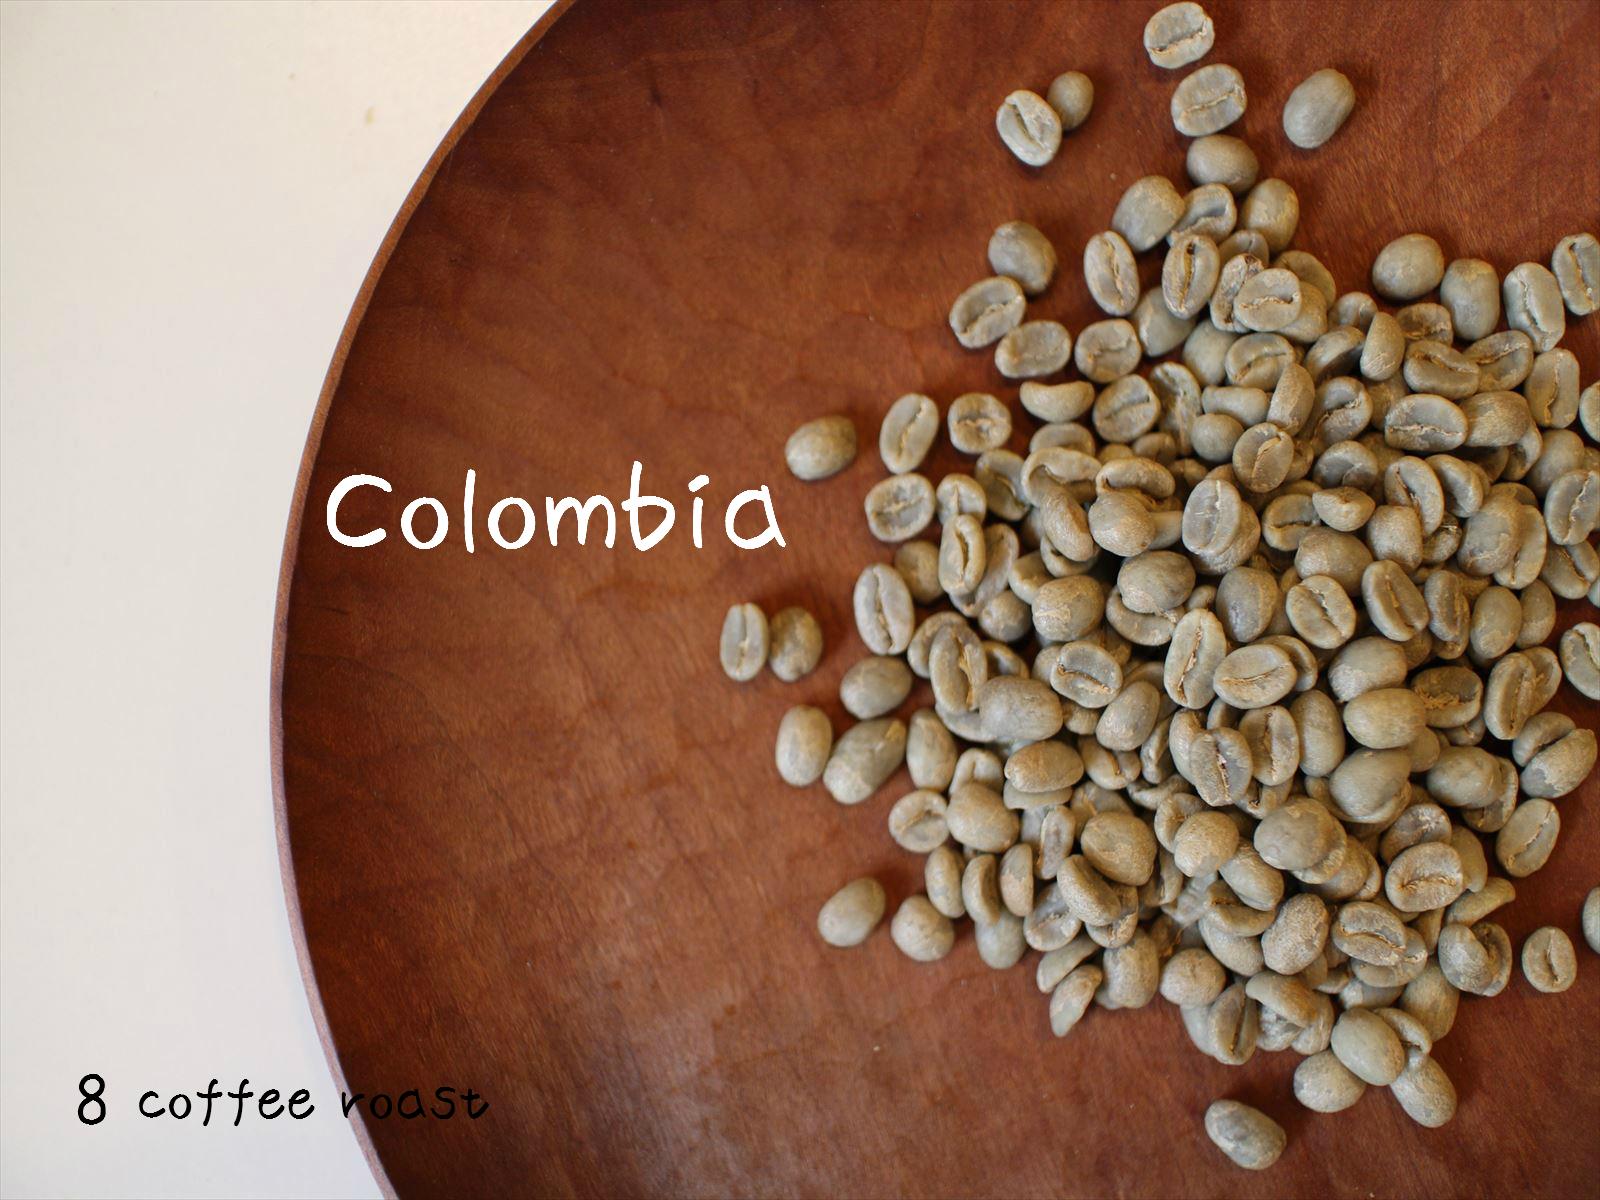 人気豆 再入荷 お求めやすく価格改定 舗 コーヒー生豆 コロンビア 内容量 スウィート 50g フラワーズ